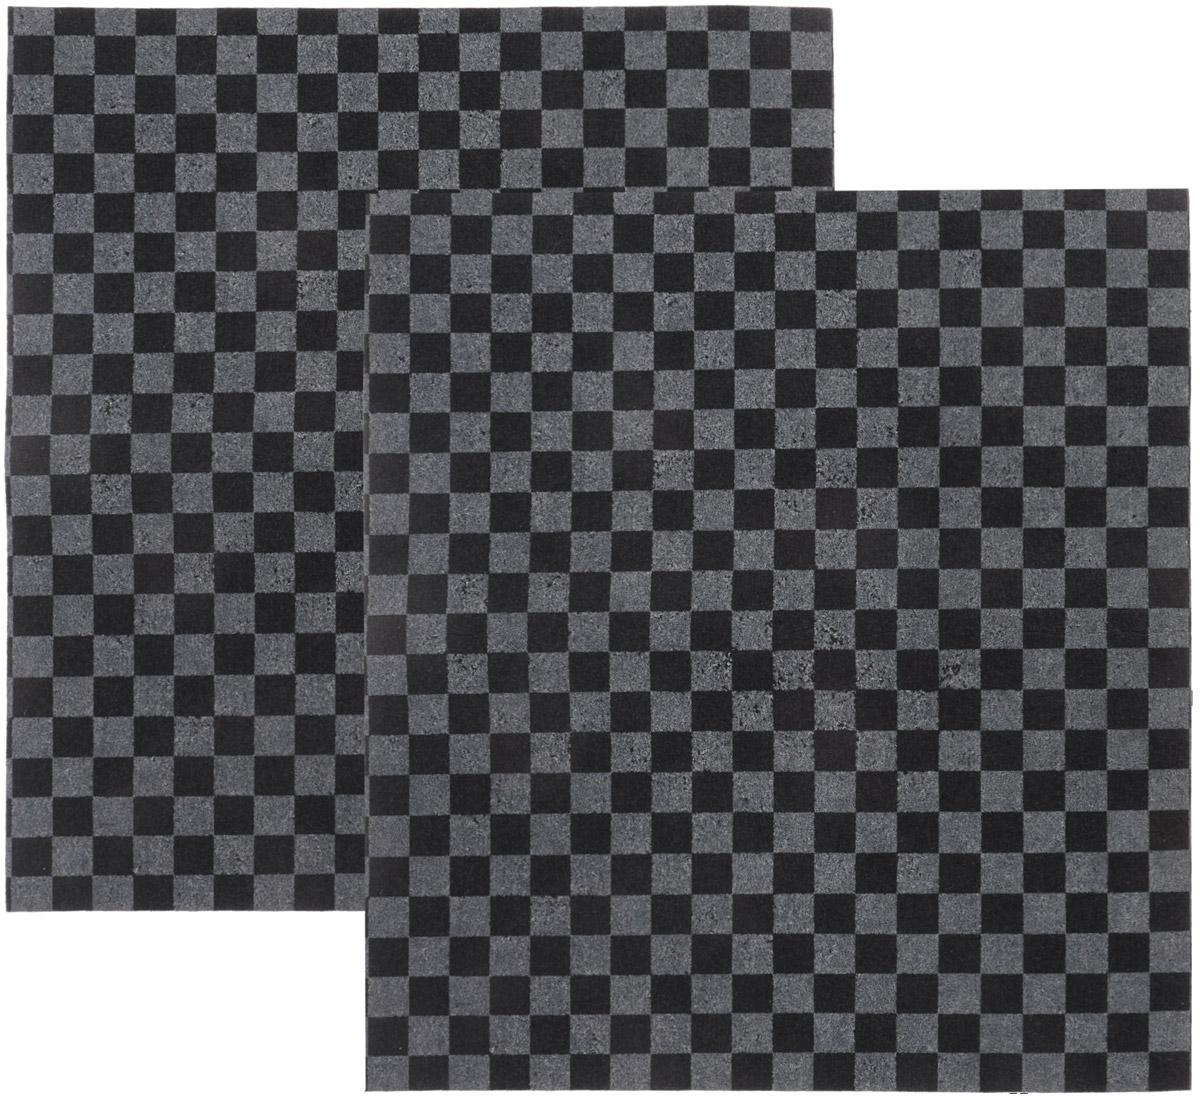 Коврик автомобильный Главдор, в салон, влаговпитывающий, 40 х 45 см, 2 штGL-144-клеткаВлаговпитывающий коврик Главдор применяется в качестве защитной подстилки в салоне автомобиля. Он отлично впитывает влагу. Коврик изготовлен из полипропилена и впитывающего материала. Изделие защитит вашу одежду от грязи и каблуки от расслаивания и стирания о резиновый коврик.В комплект входят два коврика.Размер коврика: 40 х 45 см.